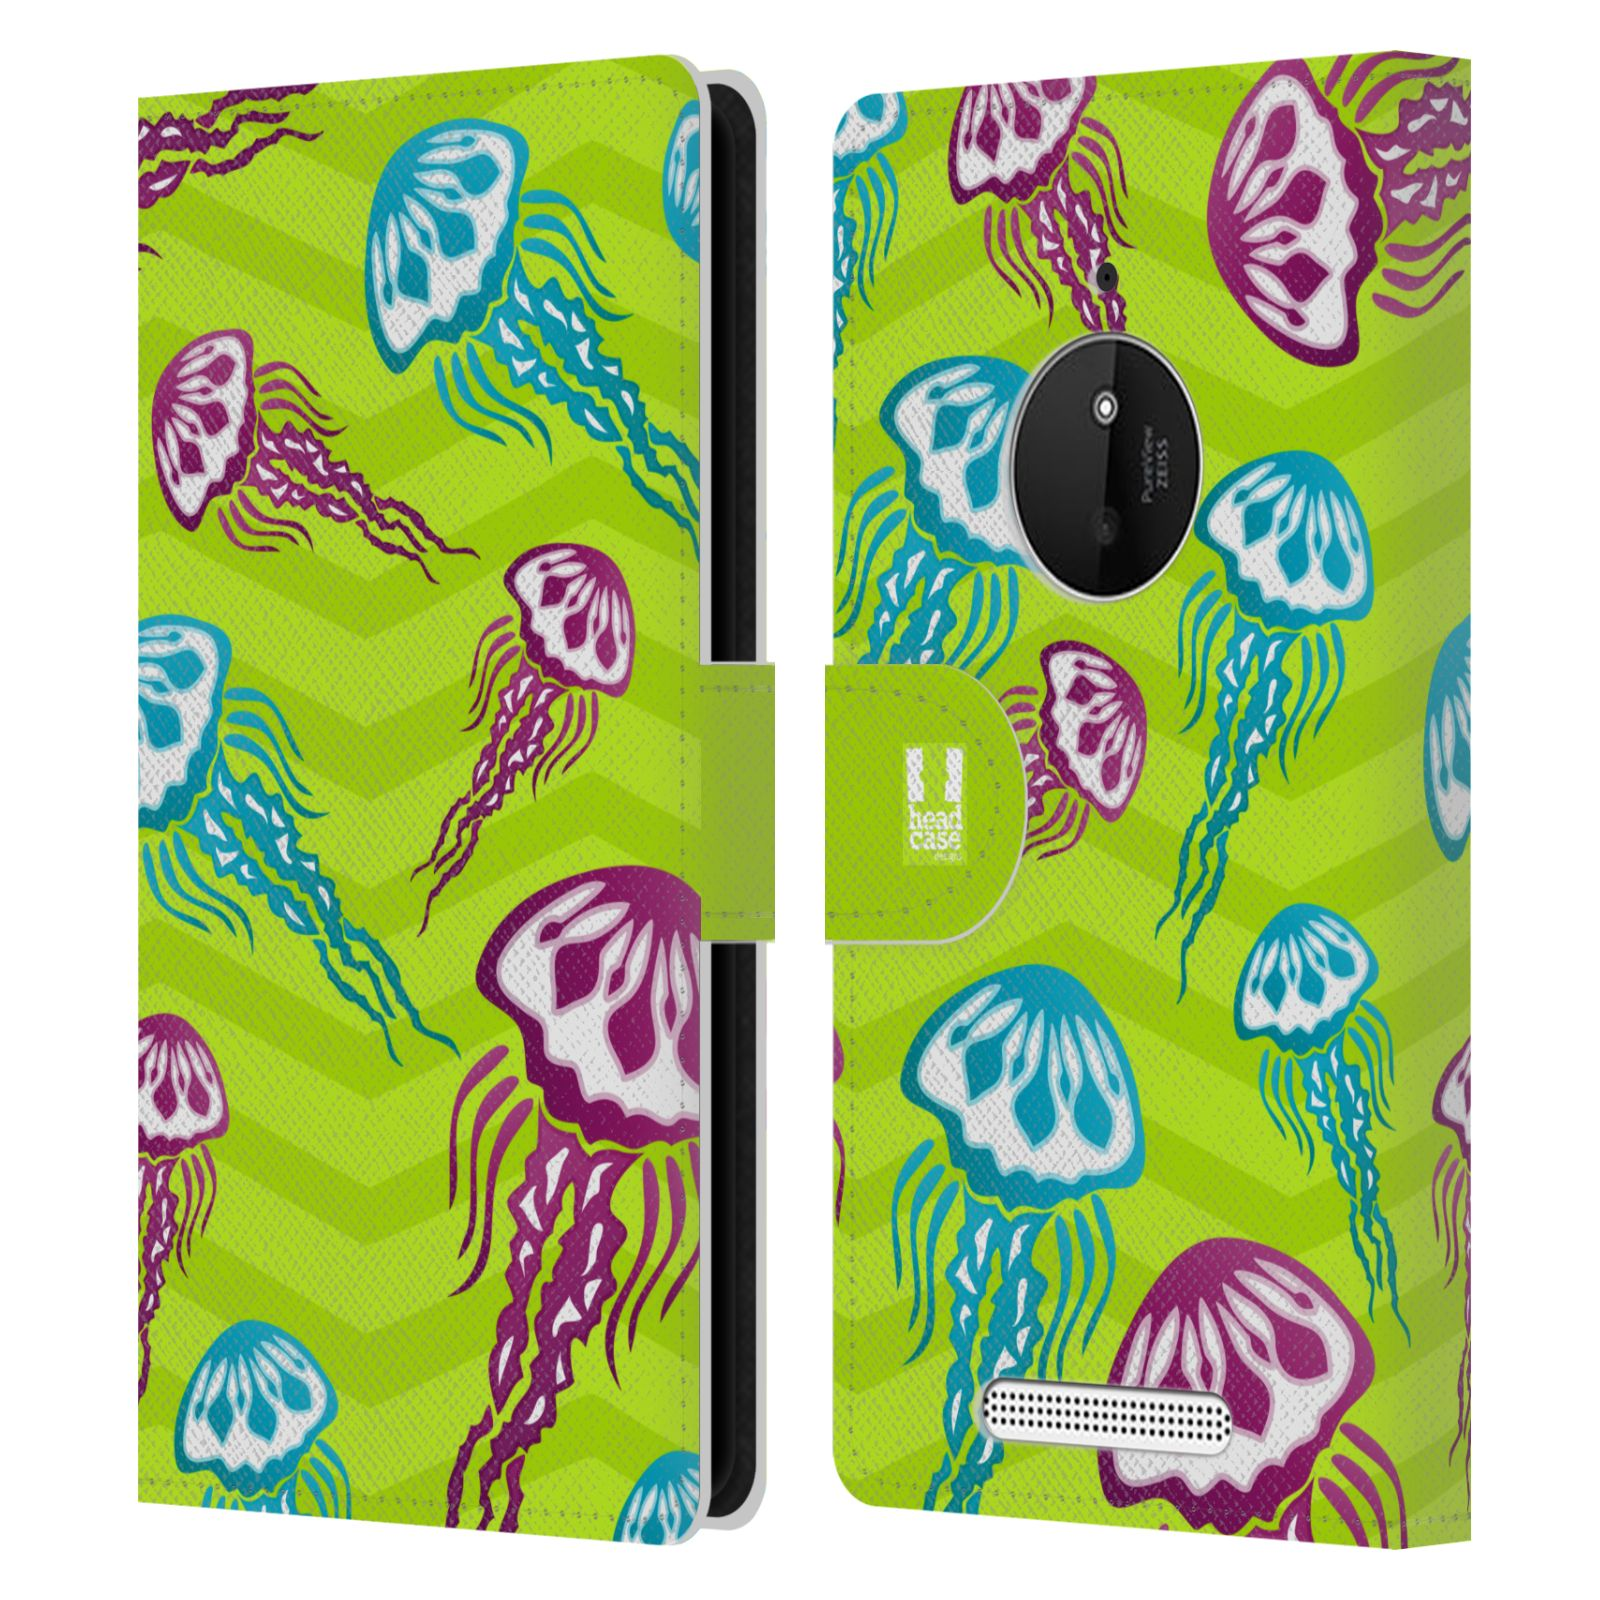 HEAD CASE Flipové pouzdro pro mobil NOKIA LUMIA 830 Mořský živočich medůza zelená barva